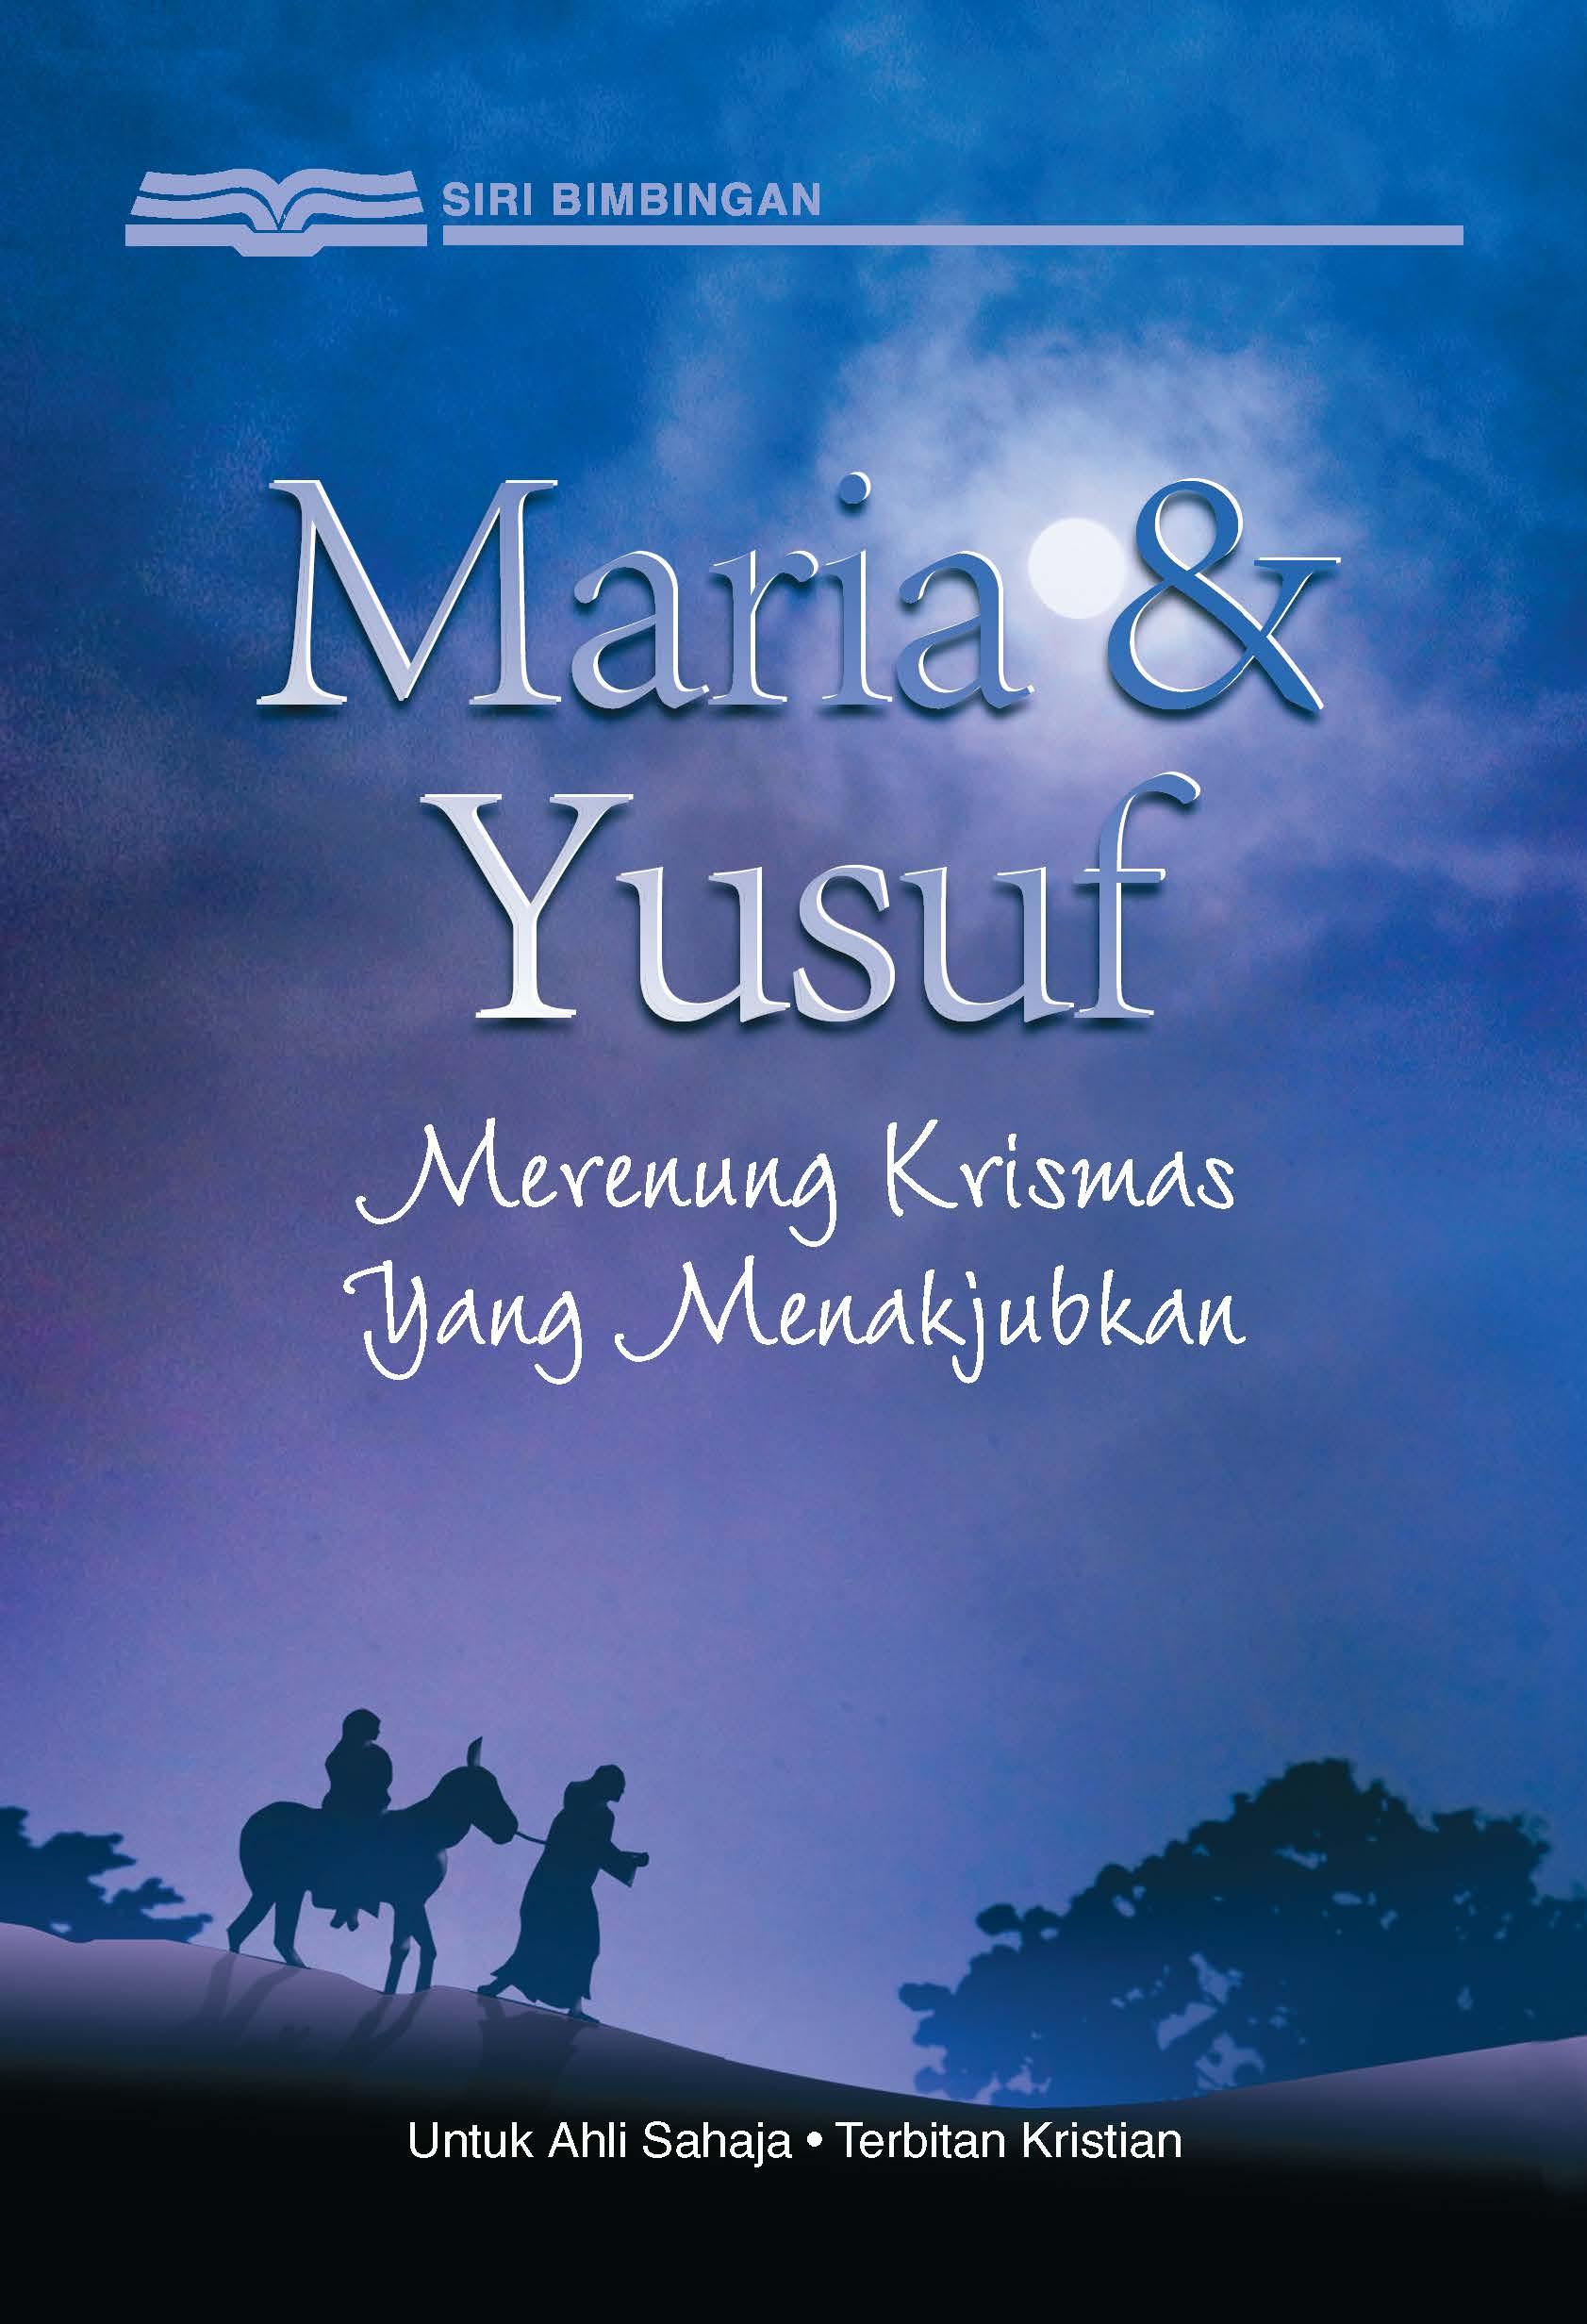 Maria & Yusuf